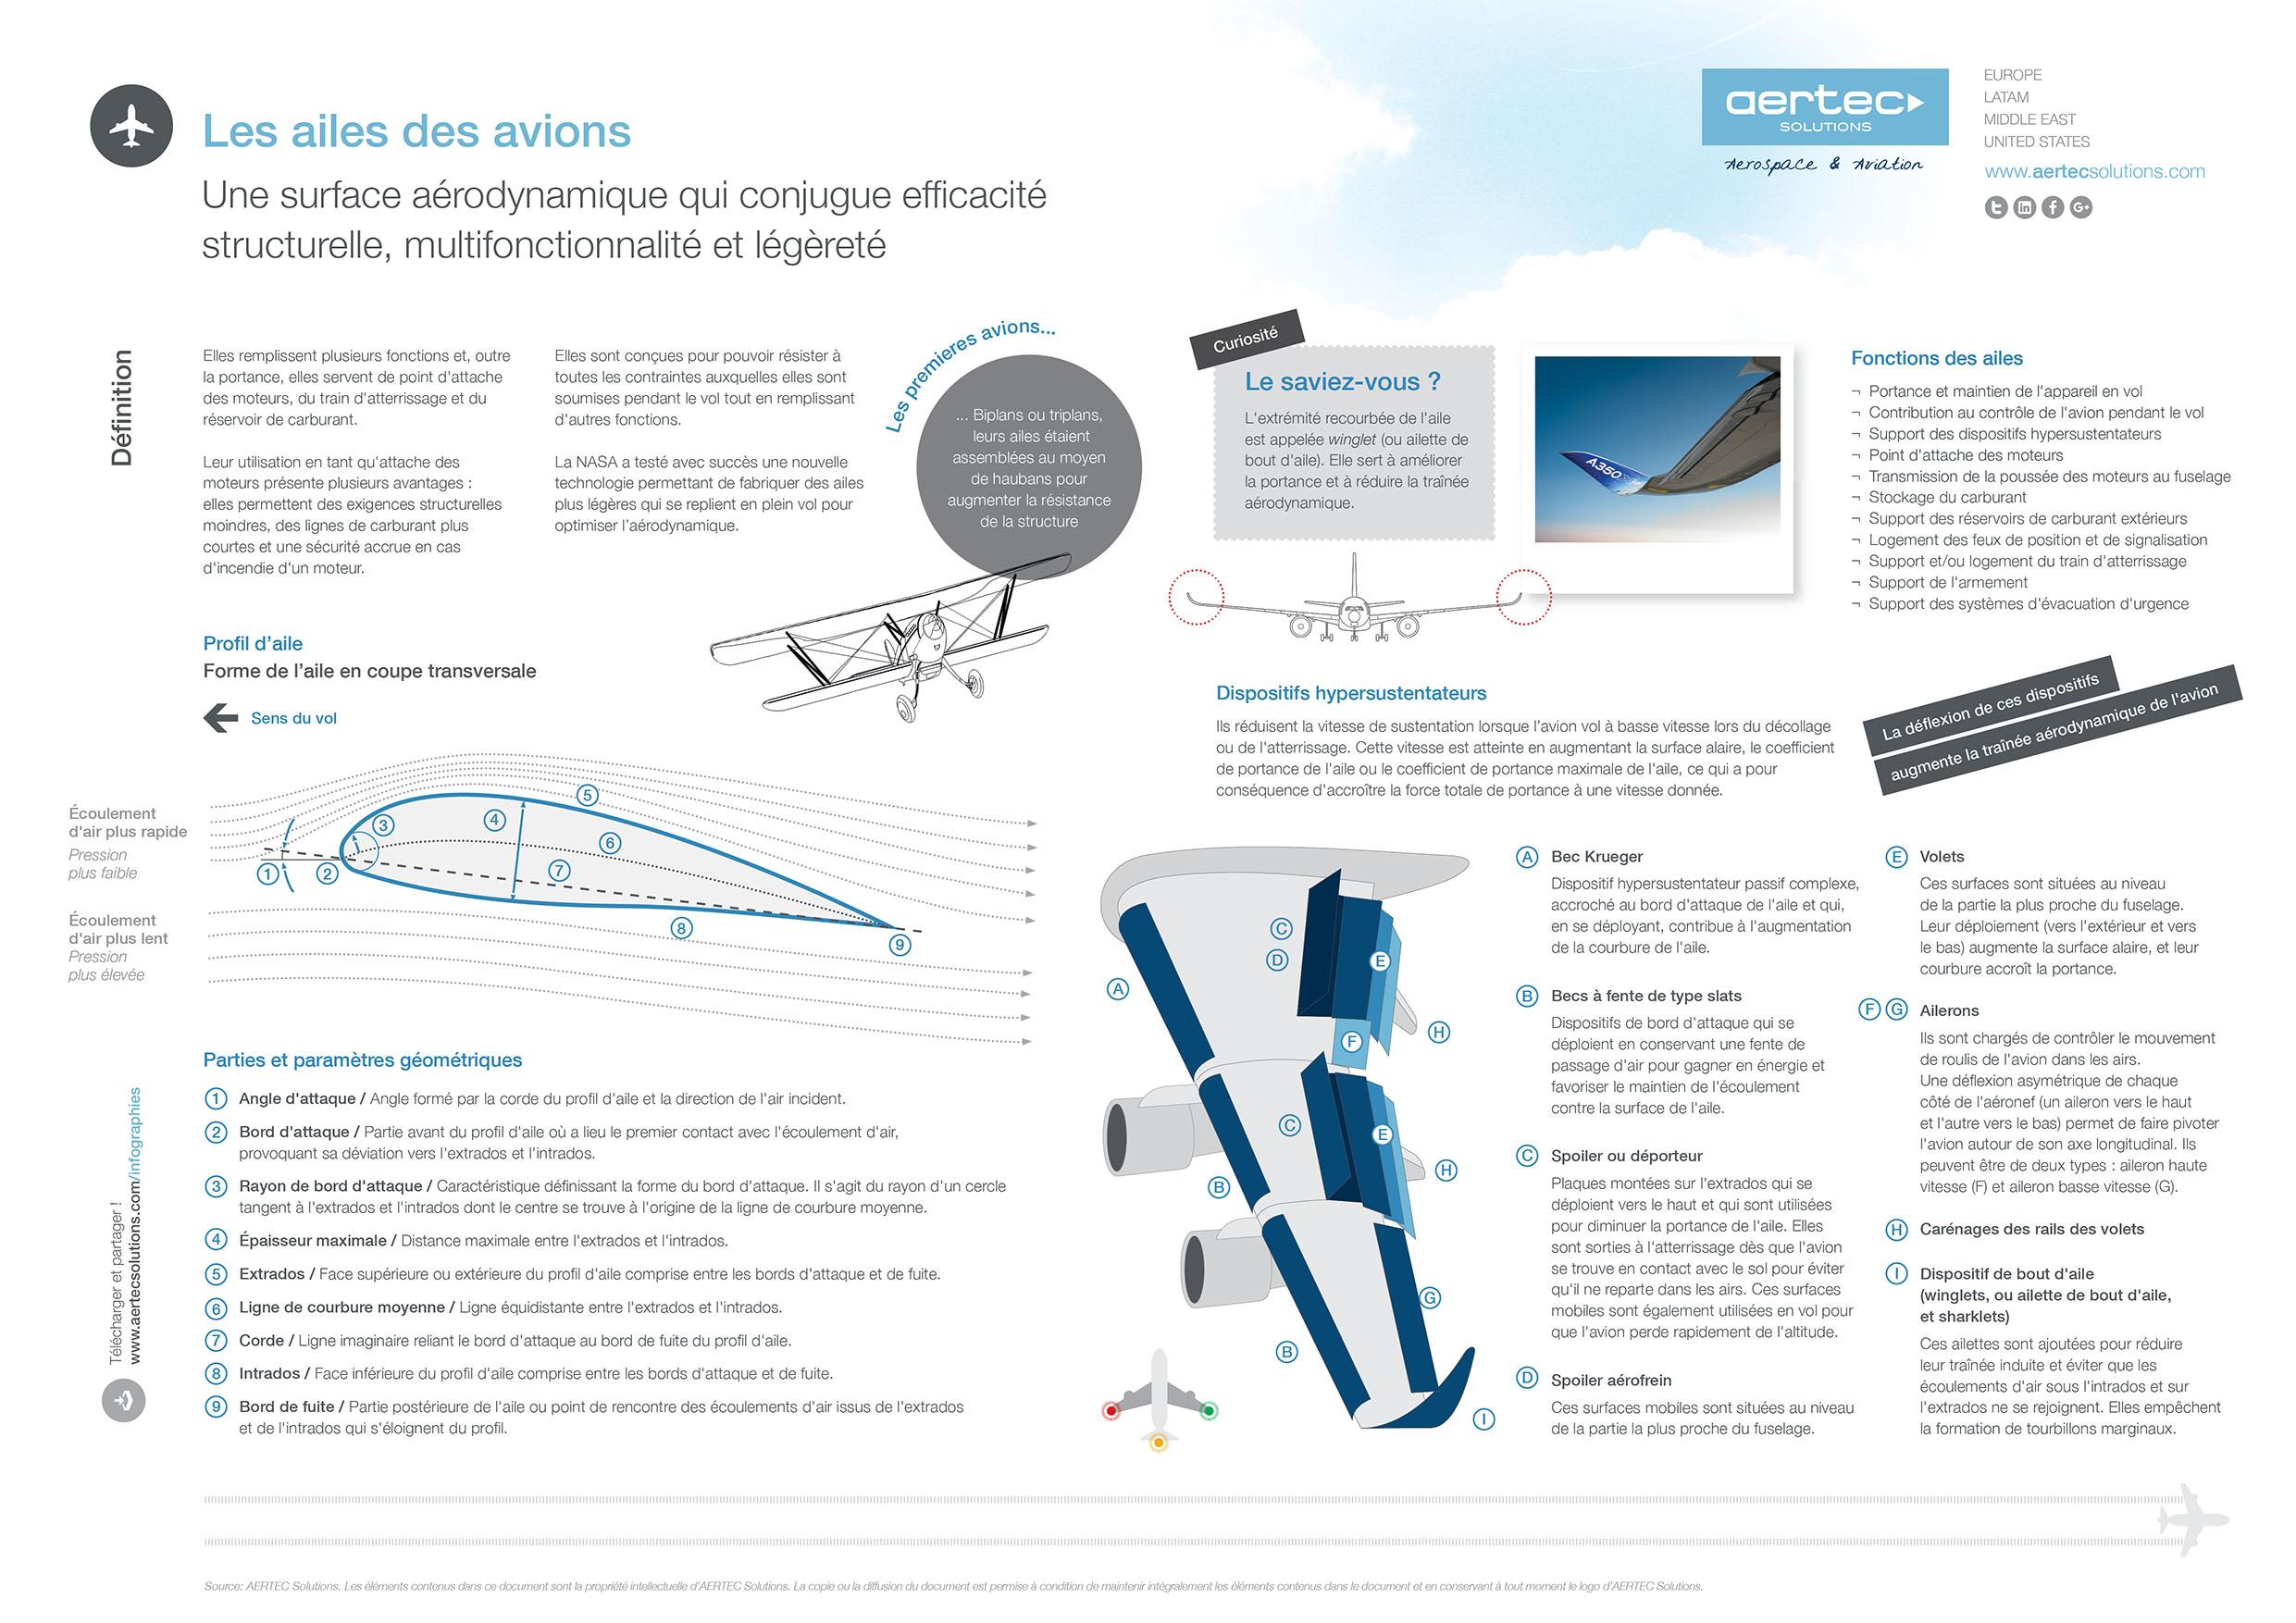 Infografía / Alas de los aviones